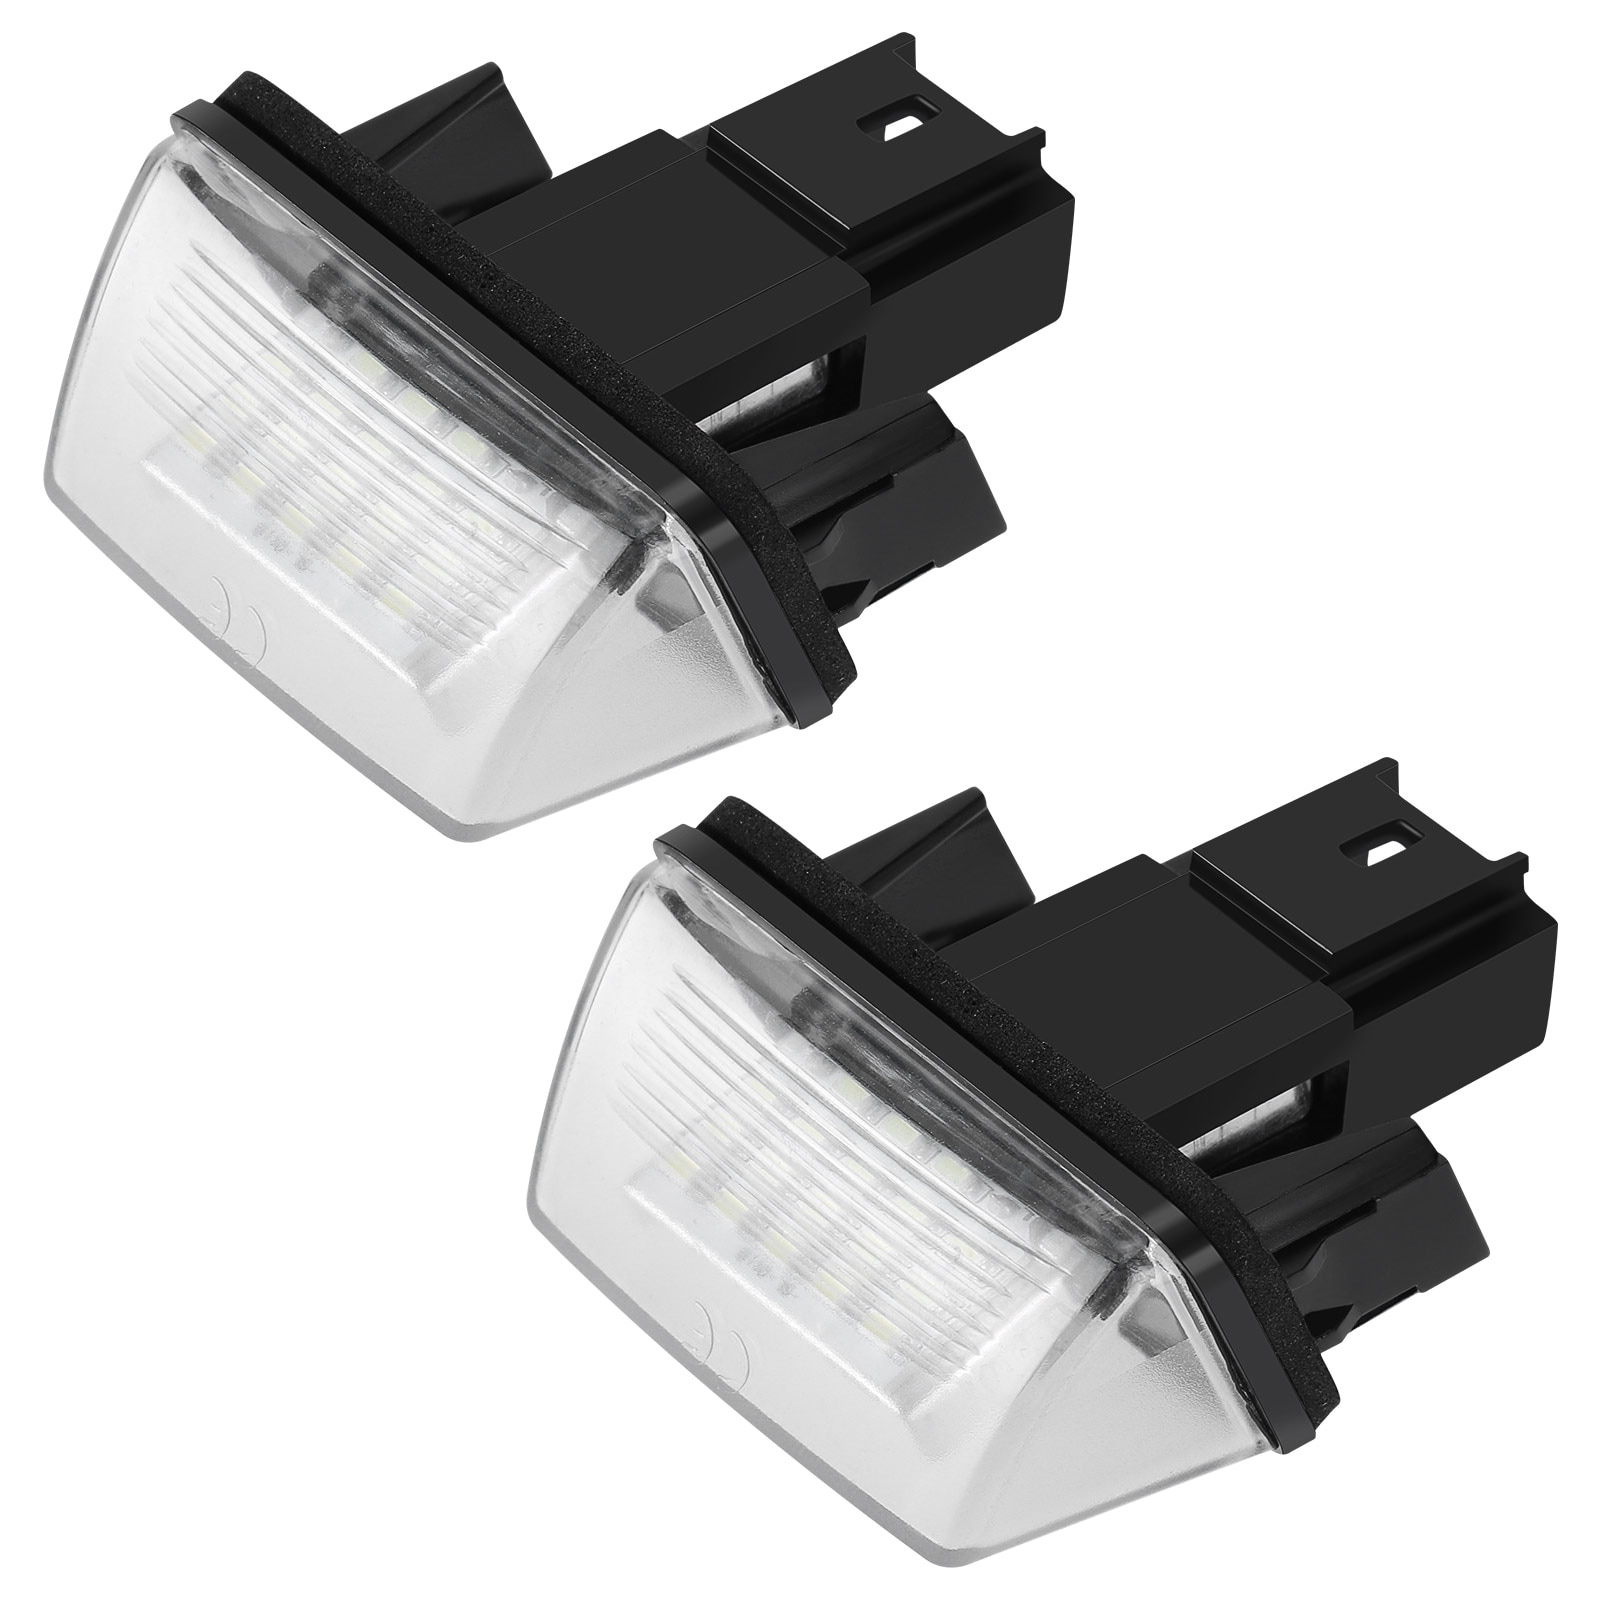 Светильник ПА для автомобильного номерного знака, 2 шт., 12 В, 18 светодиодов, 12 В, 6500K, лампа для Peugeot 206, 207, 307, 308, 406, 407, для Citroen C3, C4, C5, C6